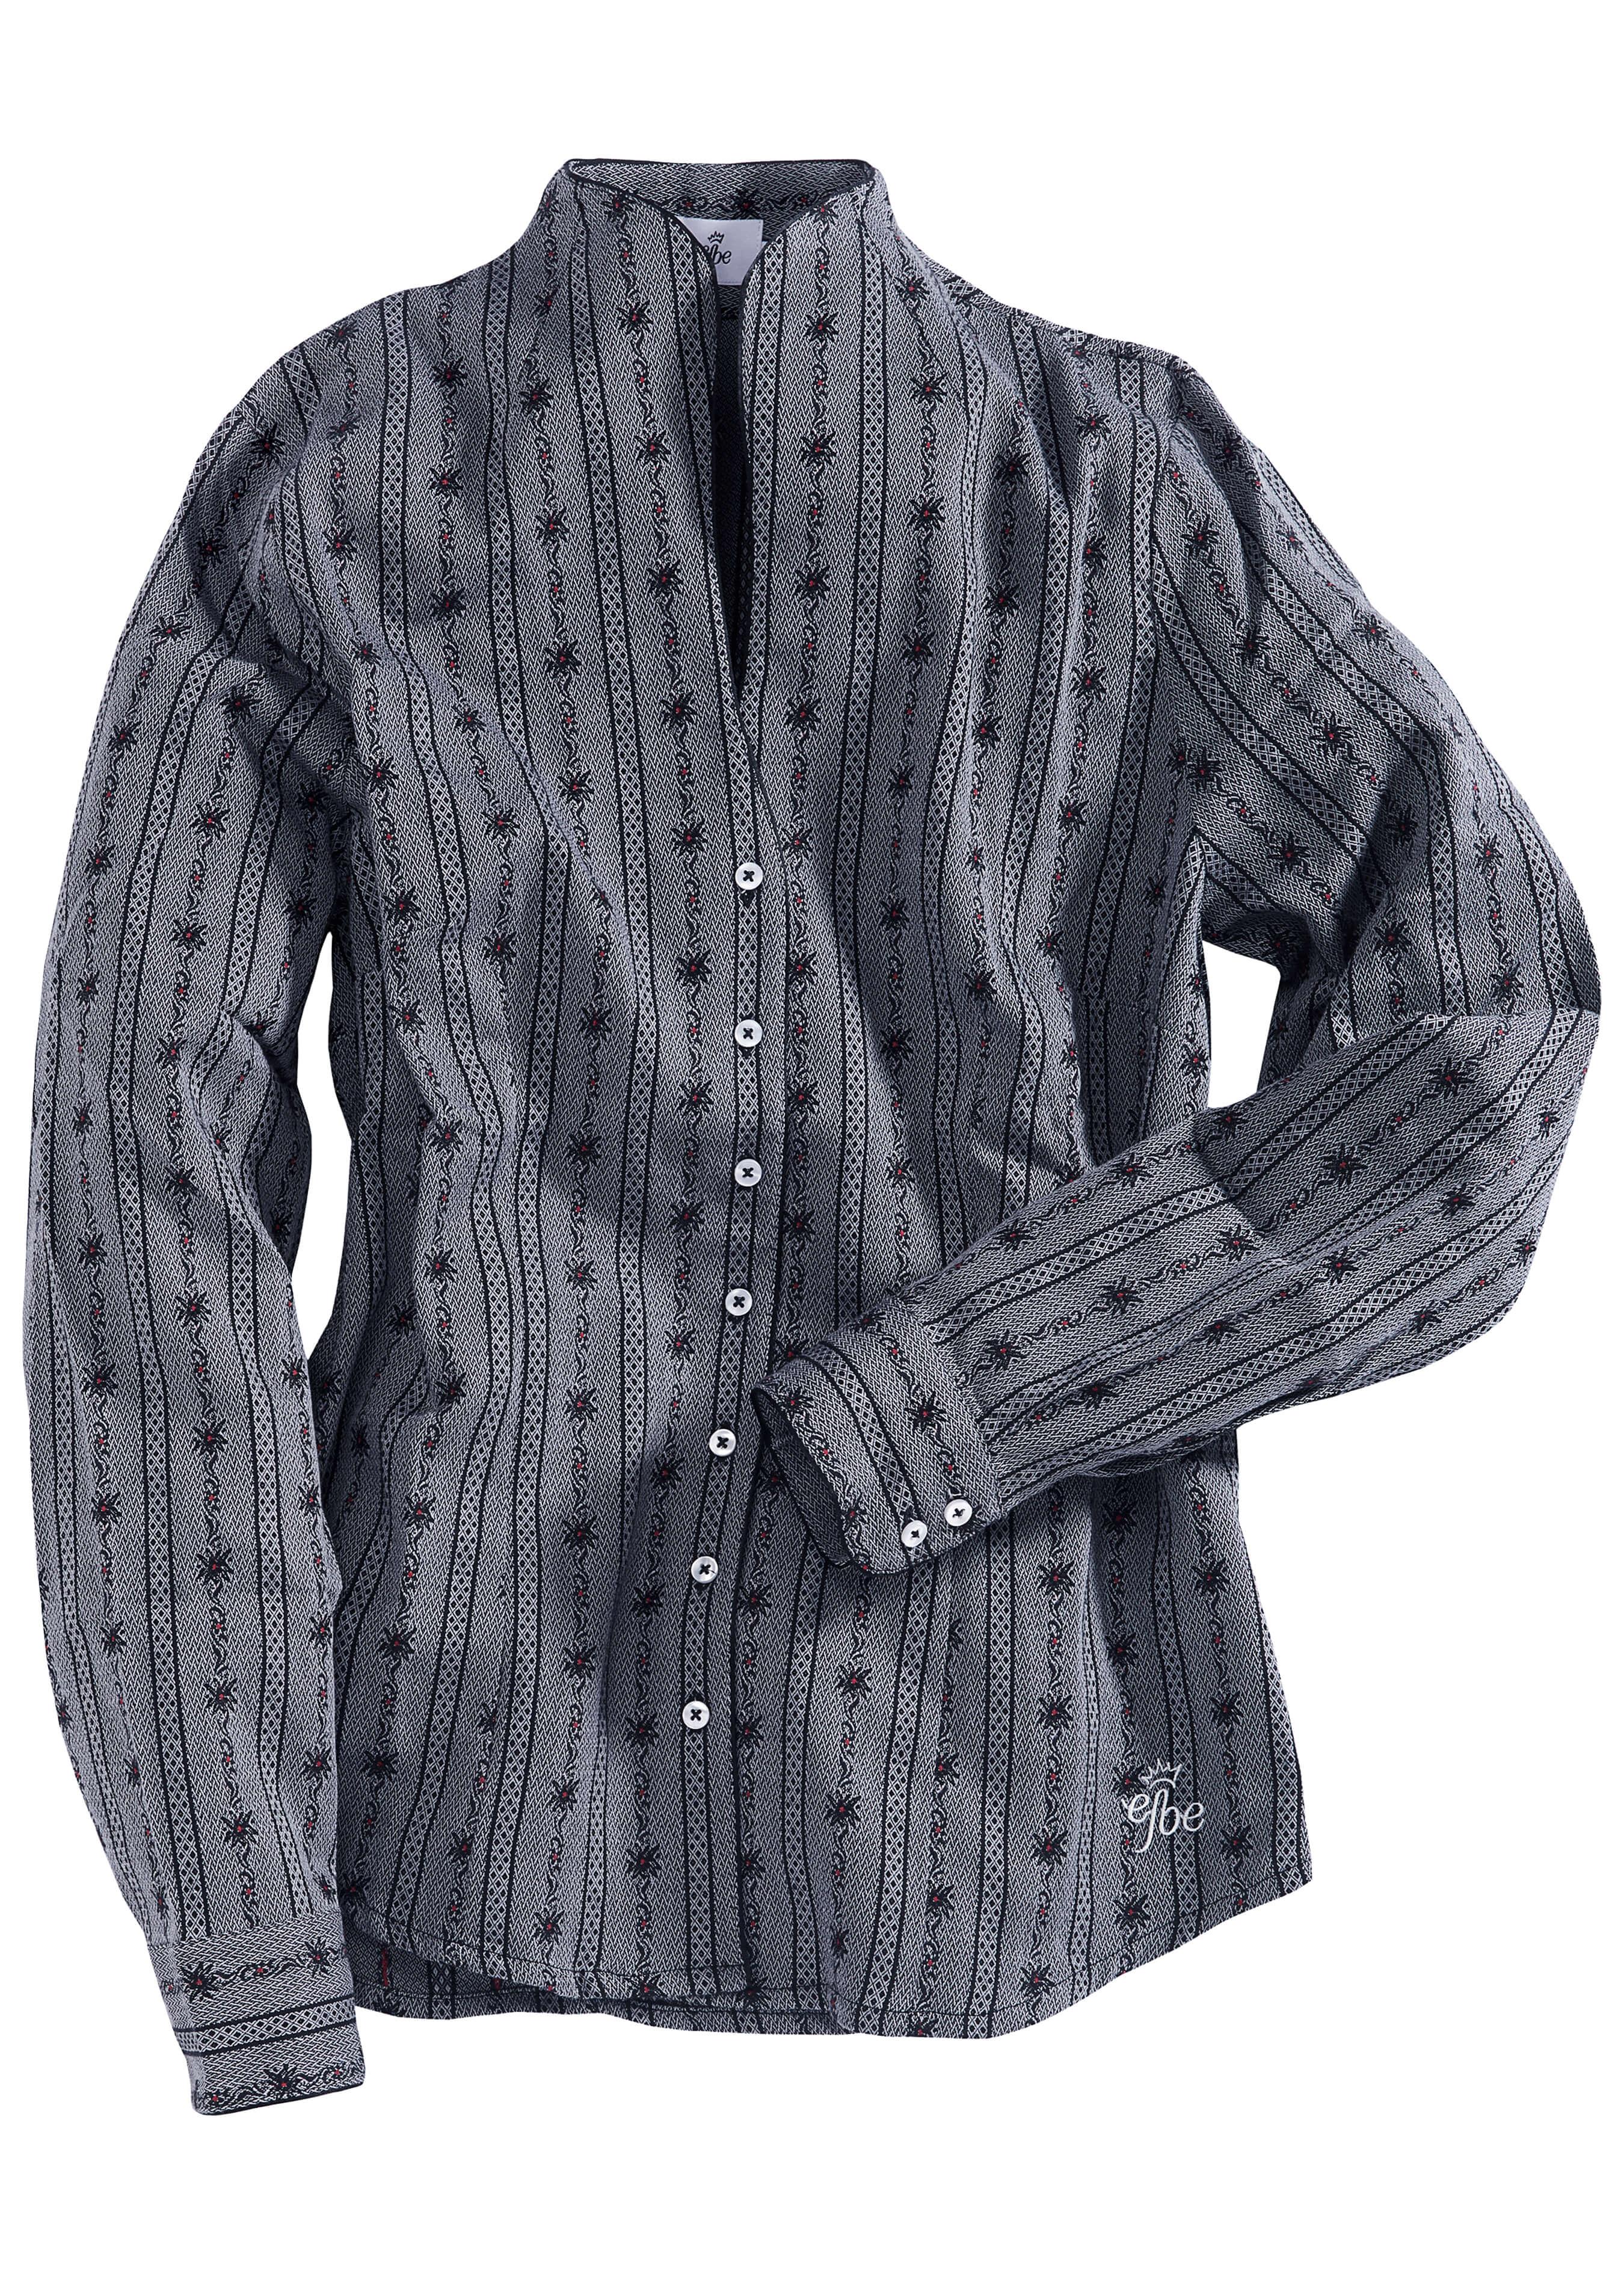 Blouse edelweiss dames avec un col corolle 273712L 1